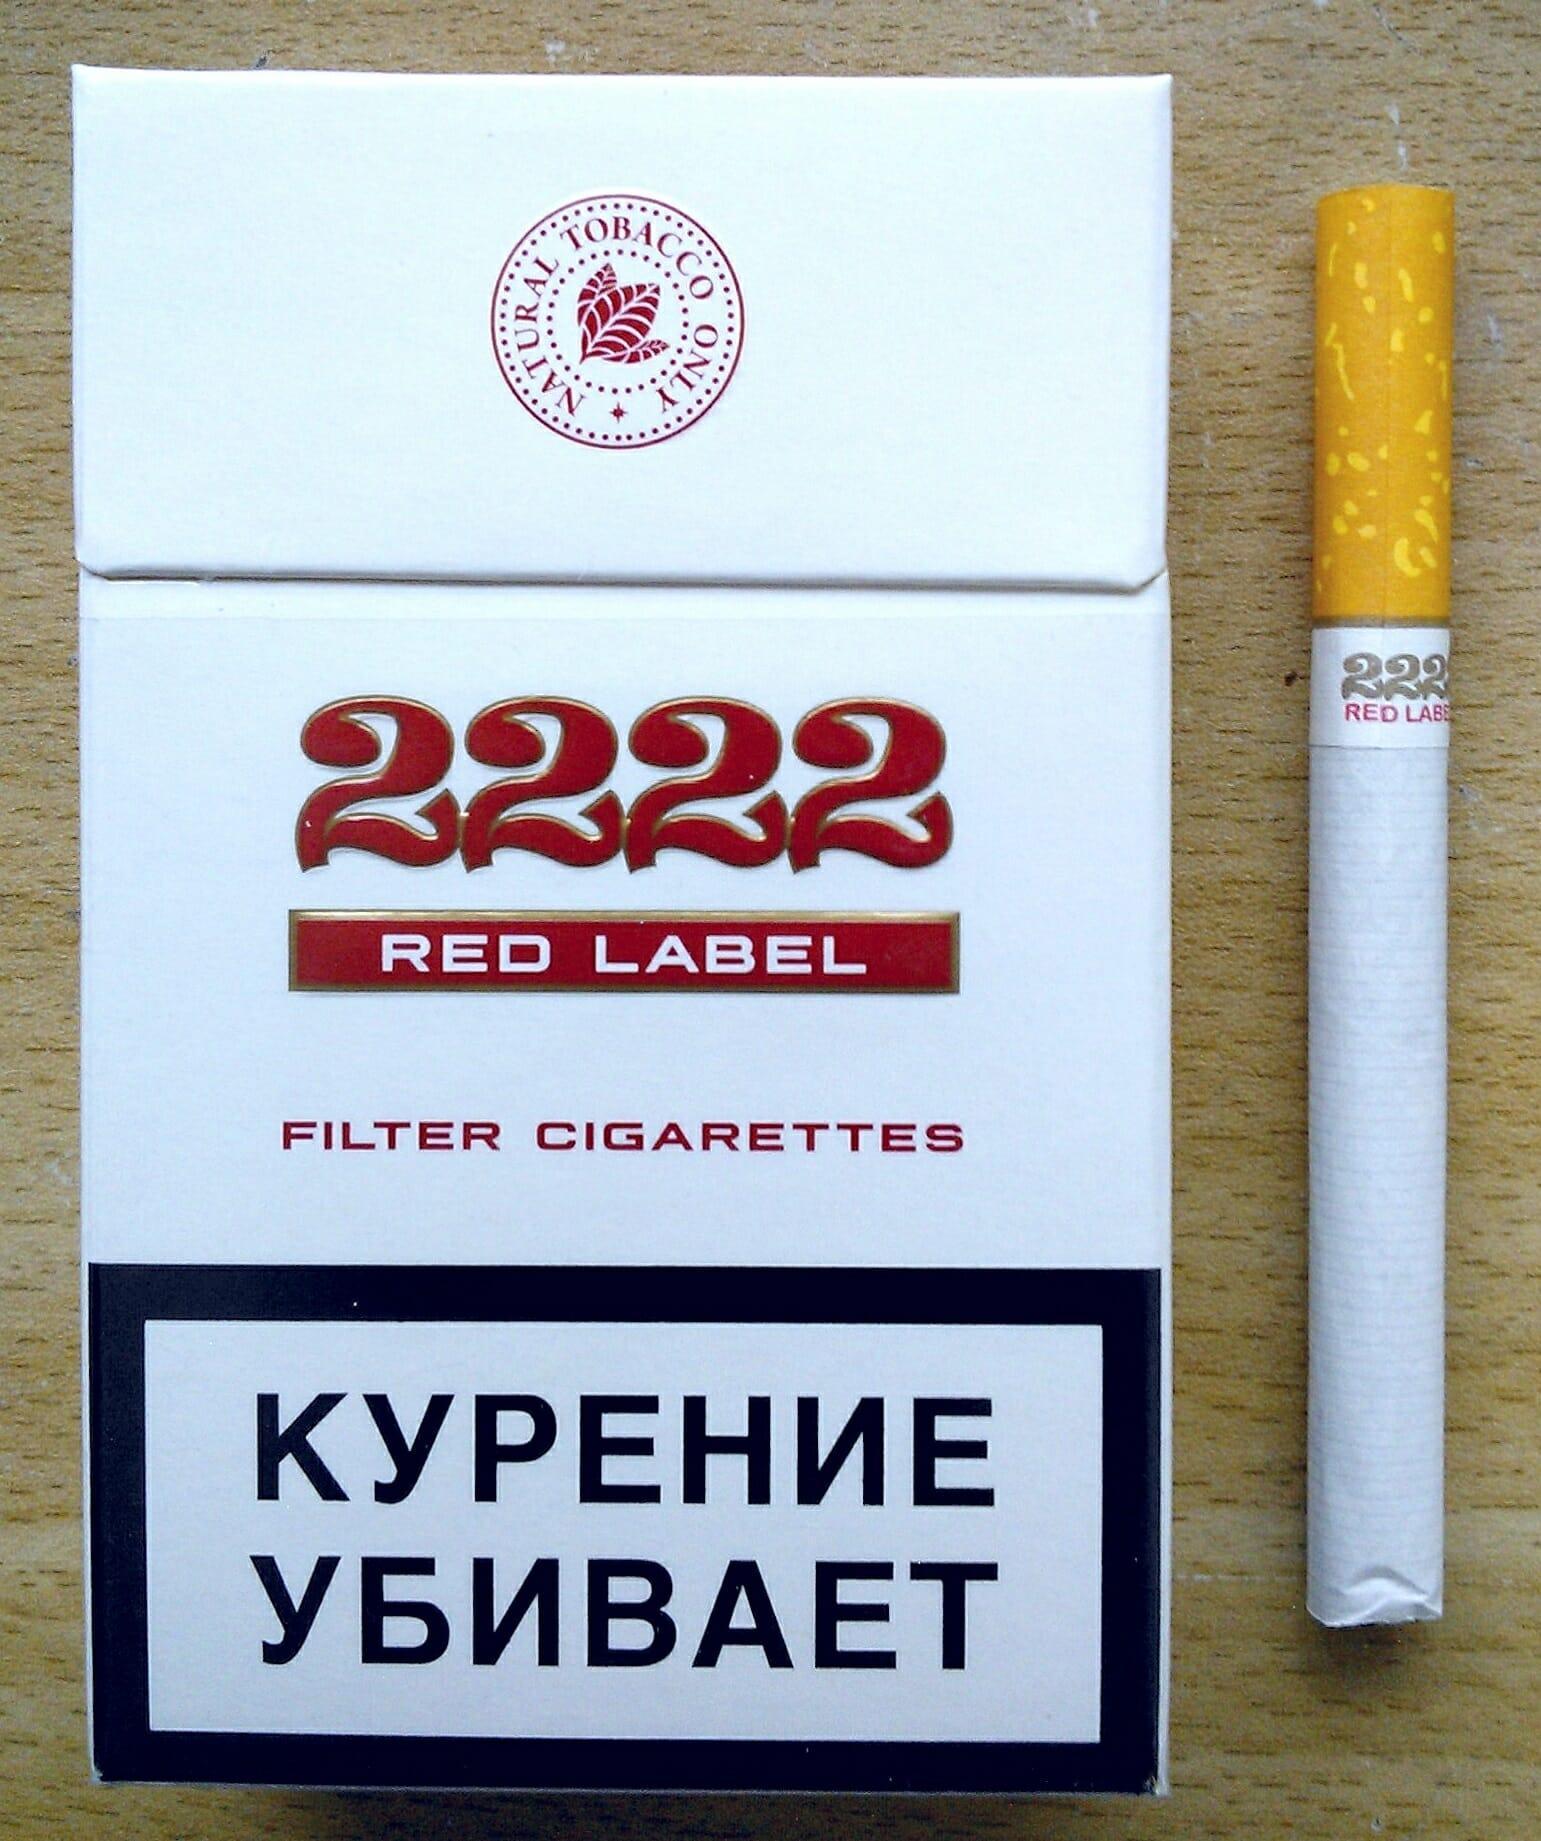 Купить сигареты 2222 в воронеже купить американские сигареты в омске